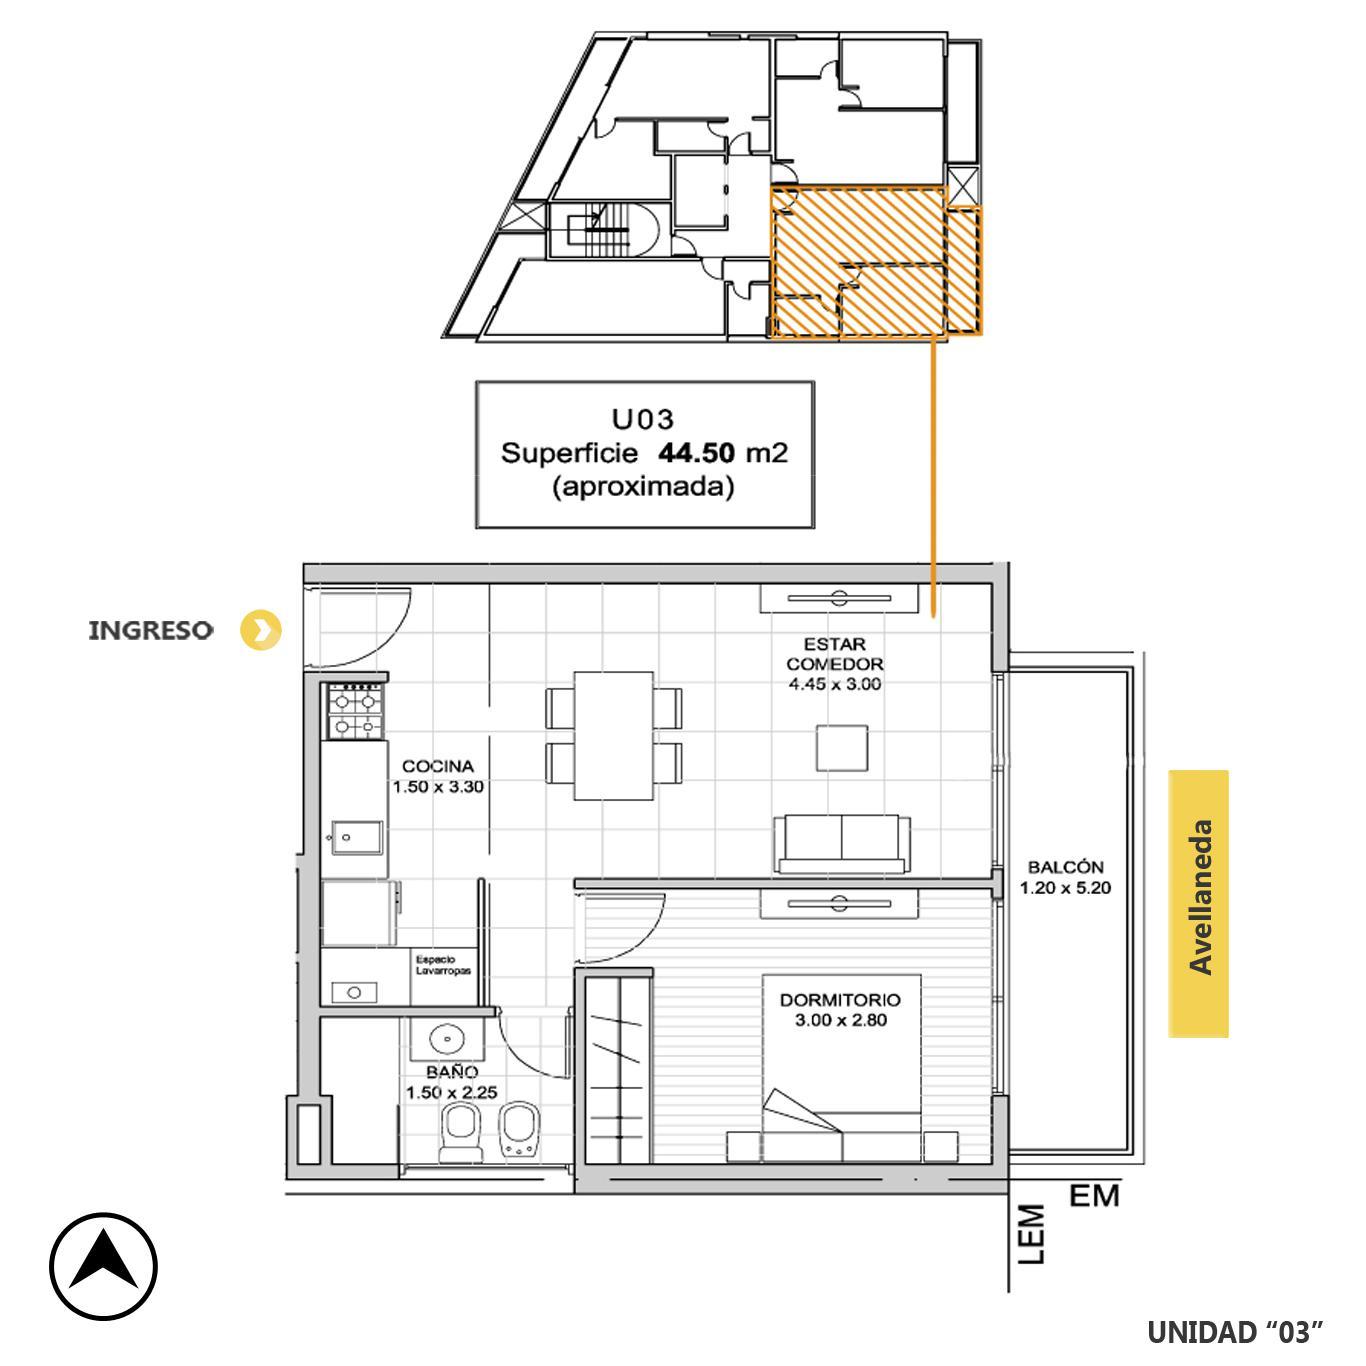 Venta departamento 1 dormitorio Rosario, Remedios De Escalada De San Martin. Cod CBU23216 AP2197285. Crestale Propiedades